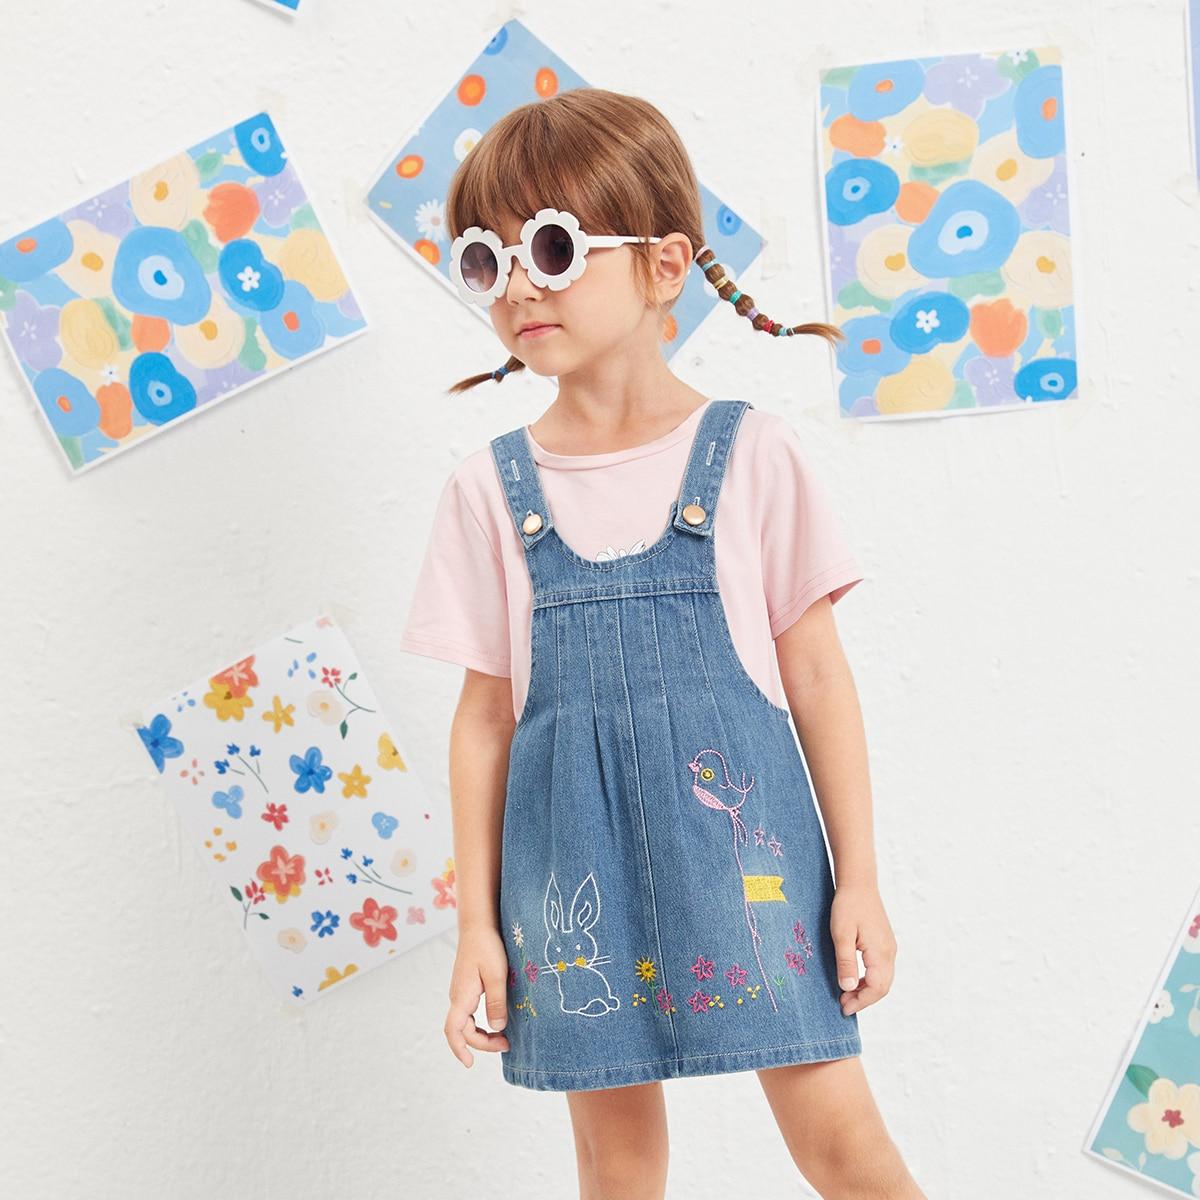 с вышивкой Мультяшный принт Институтский Джинсовые платья для девочек SheIn skdress25210417513